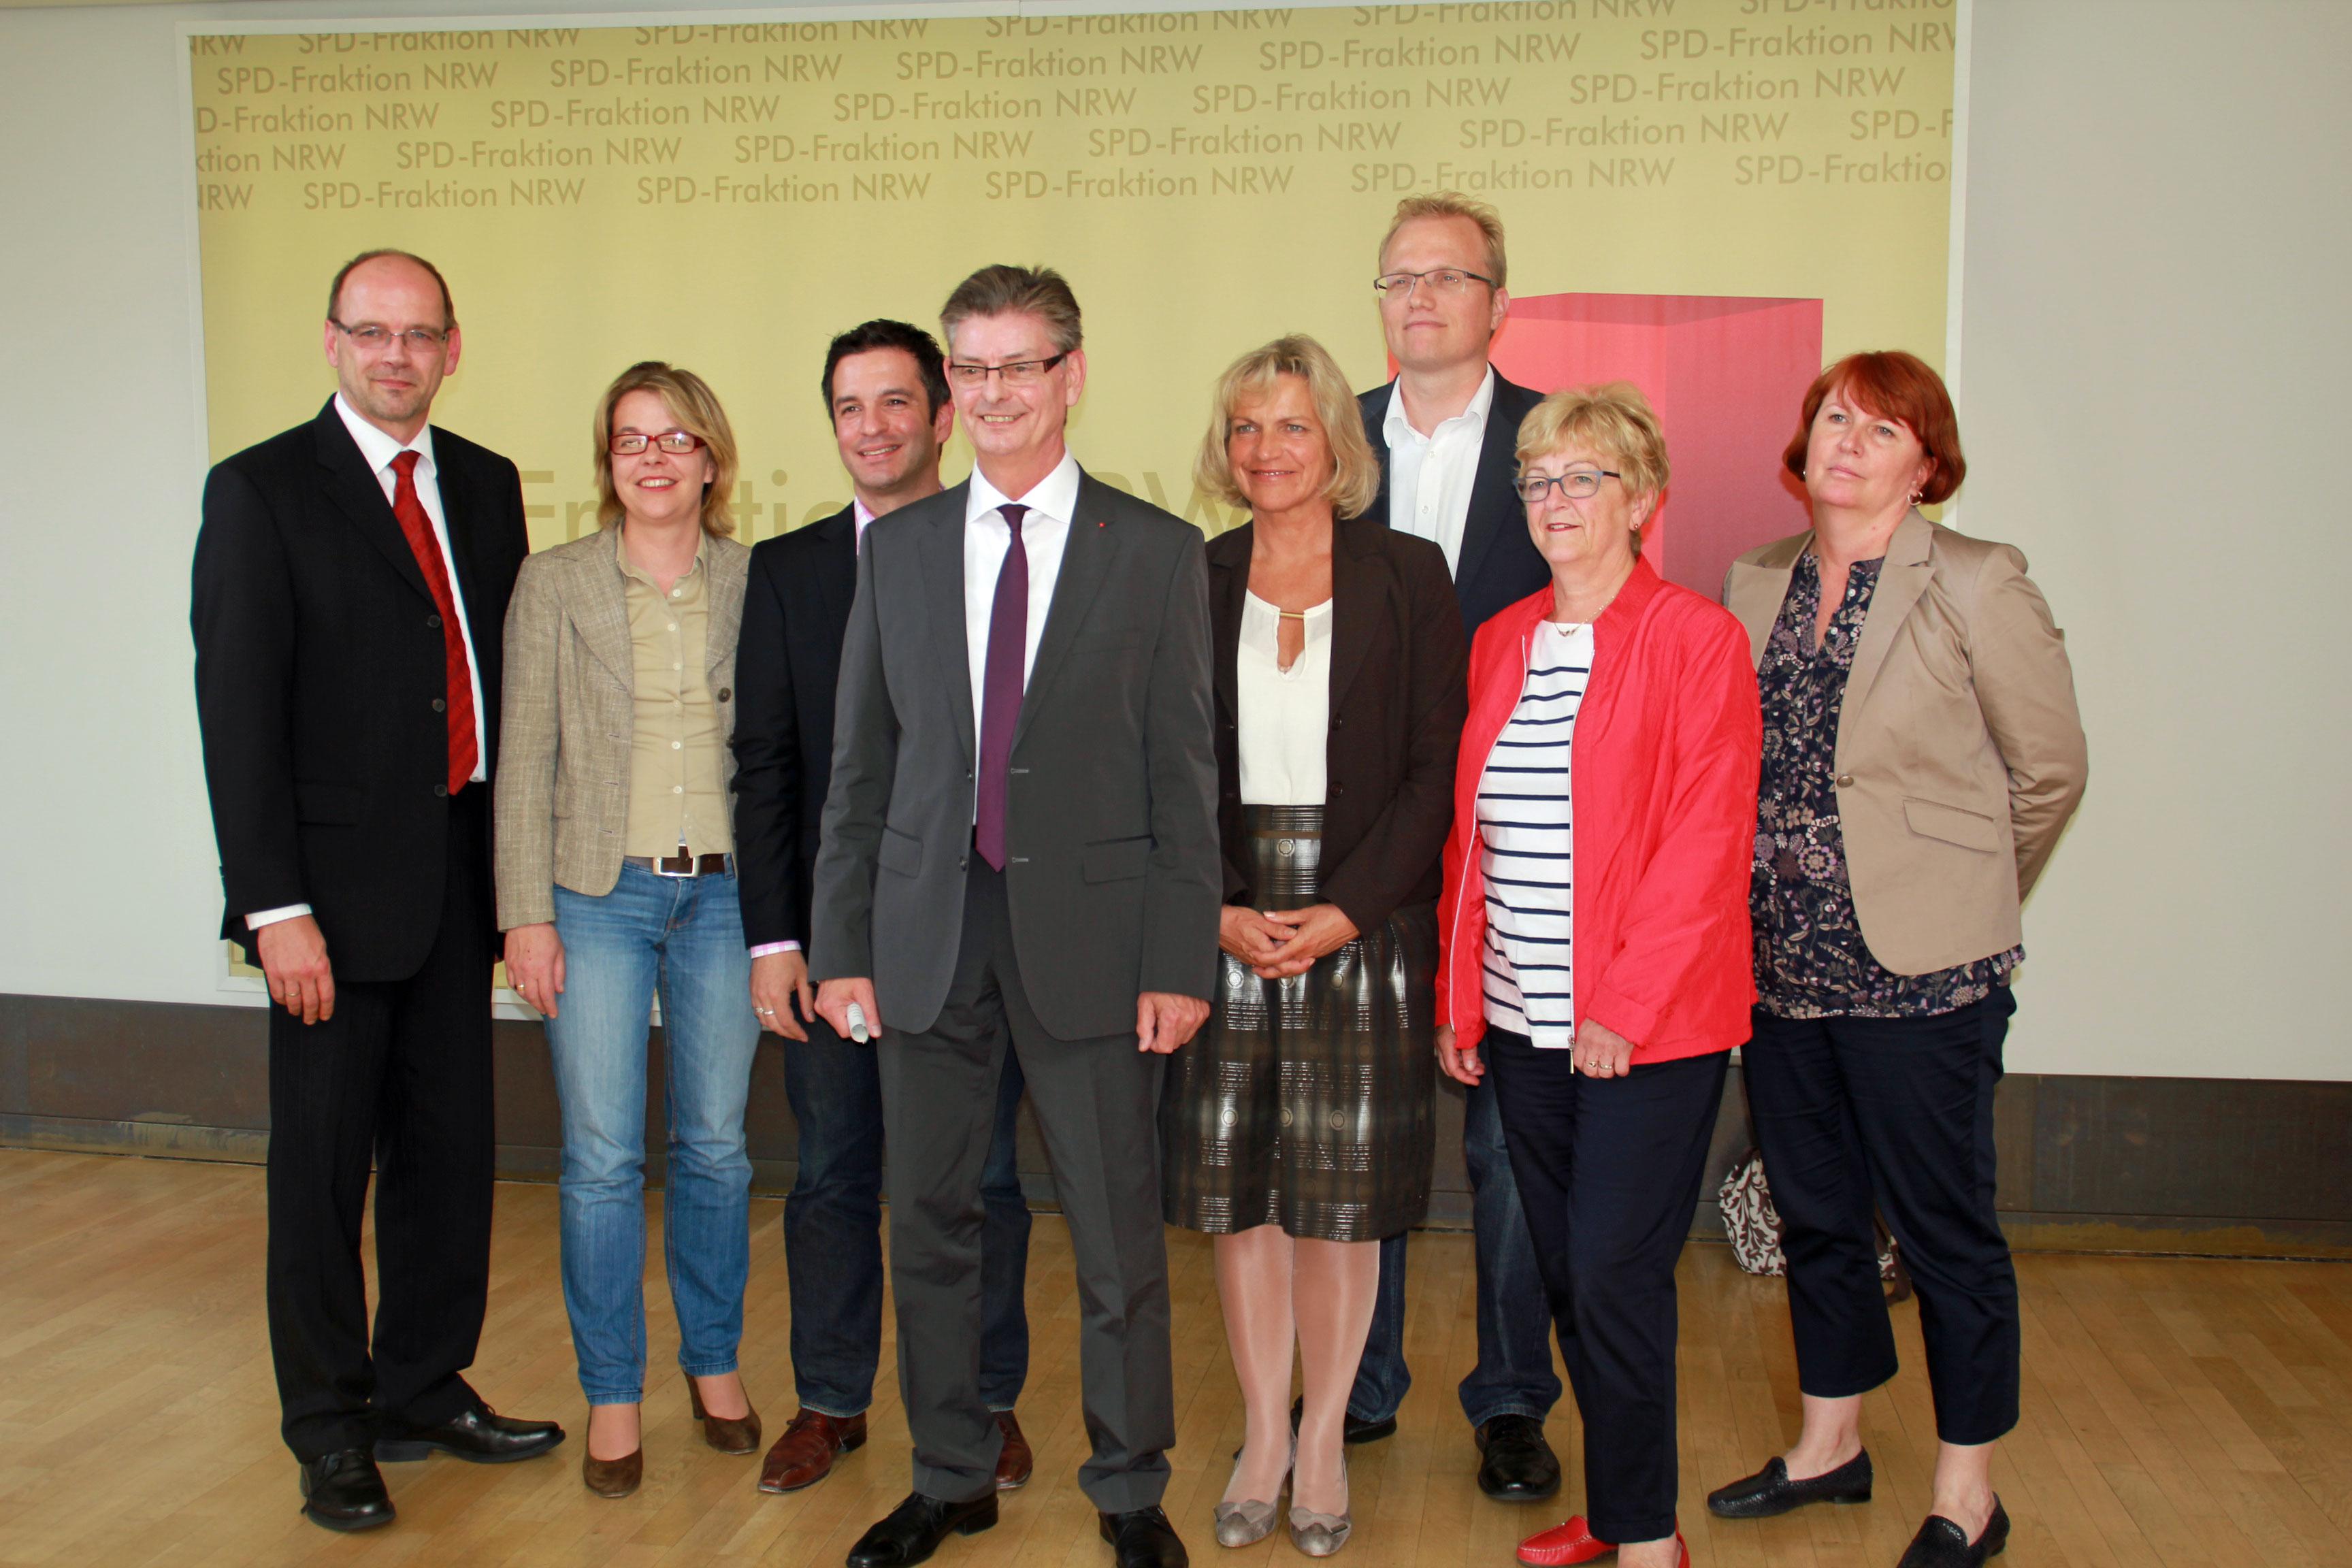 Fraktionsvorstand der SPD-Landtagsfraktion (es fehlt: Hans Willi Körfges)